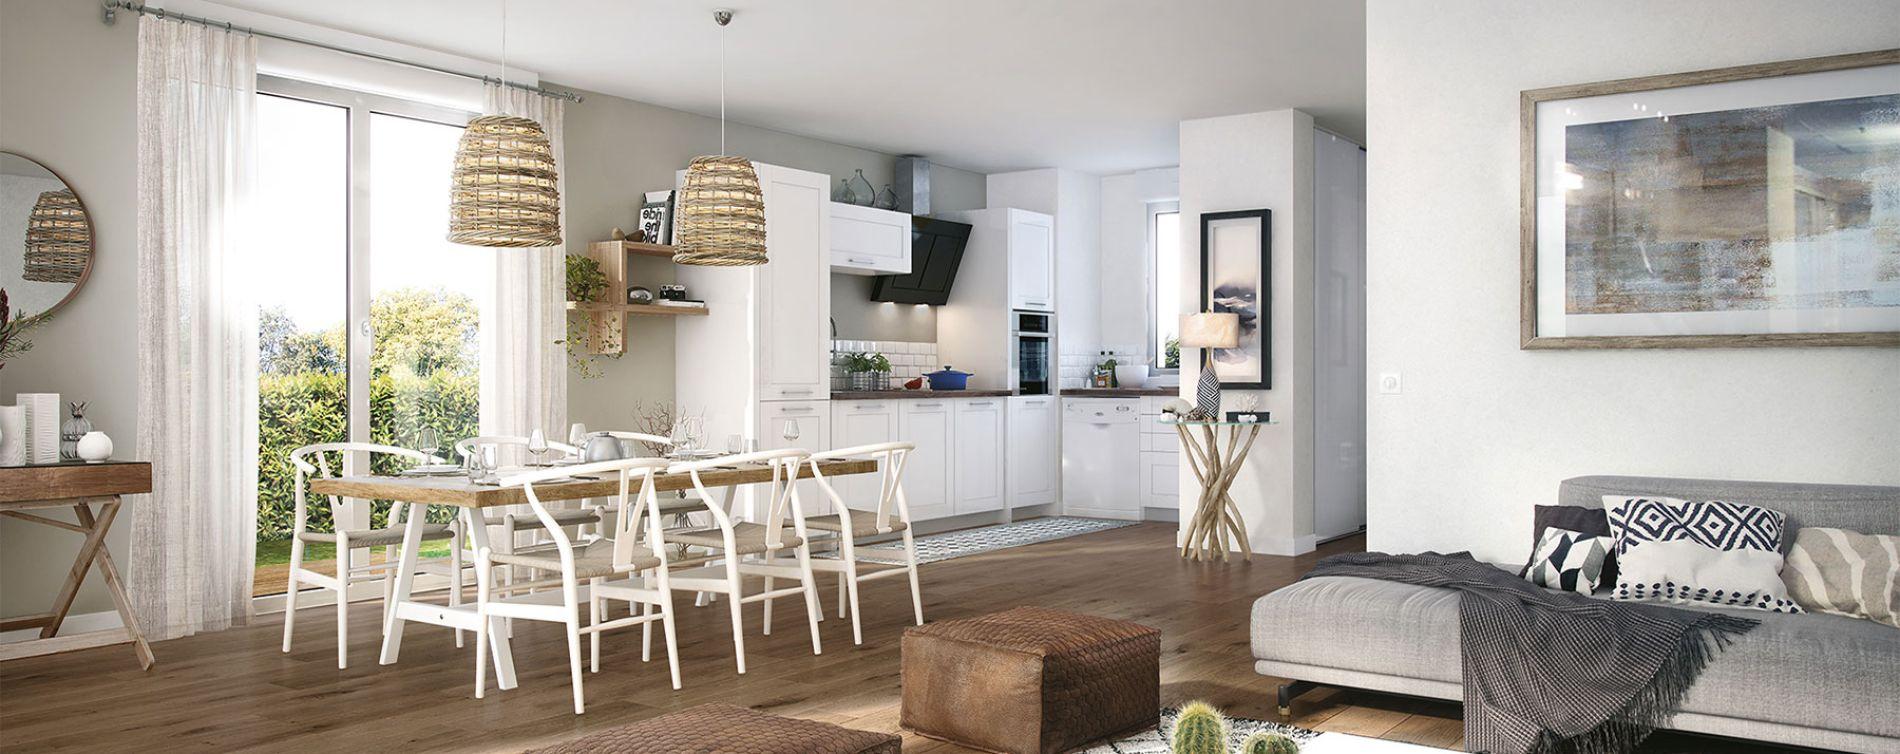 Blanquefort : programme immobilier neuve « Lys Blancs » (3)